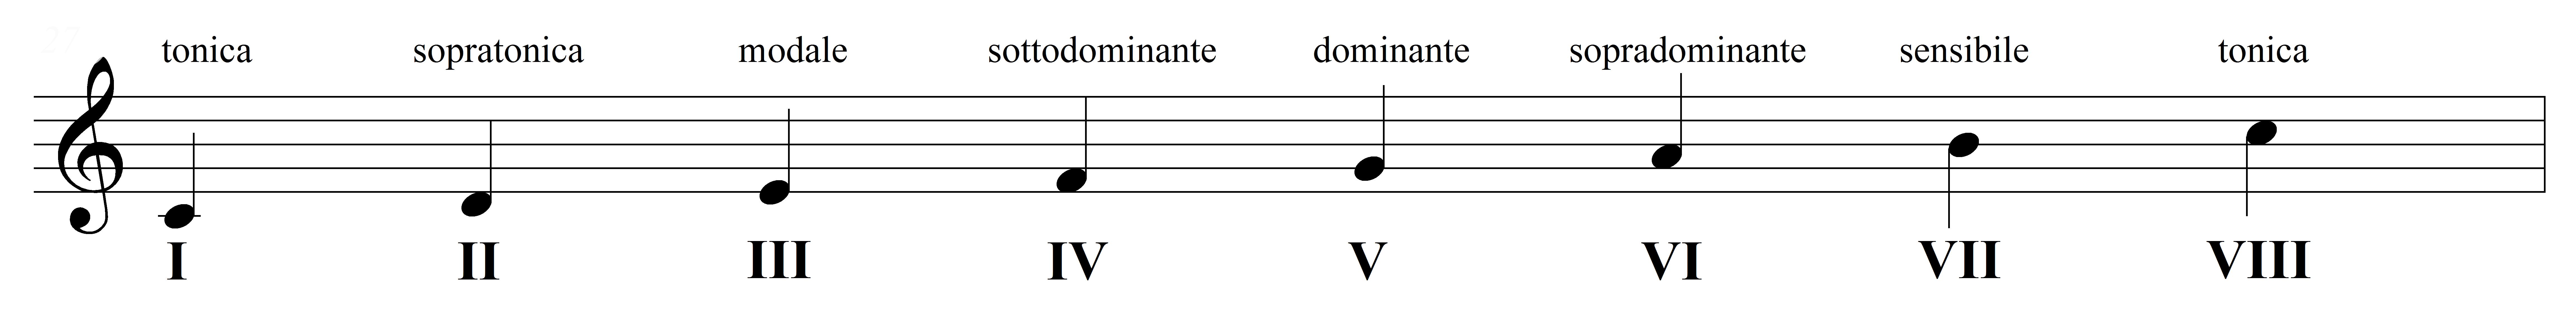 I GRADI DELLA SCALA – nomenclatura e caratteristiche armoniche